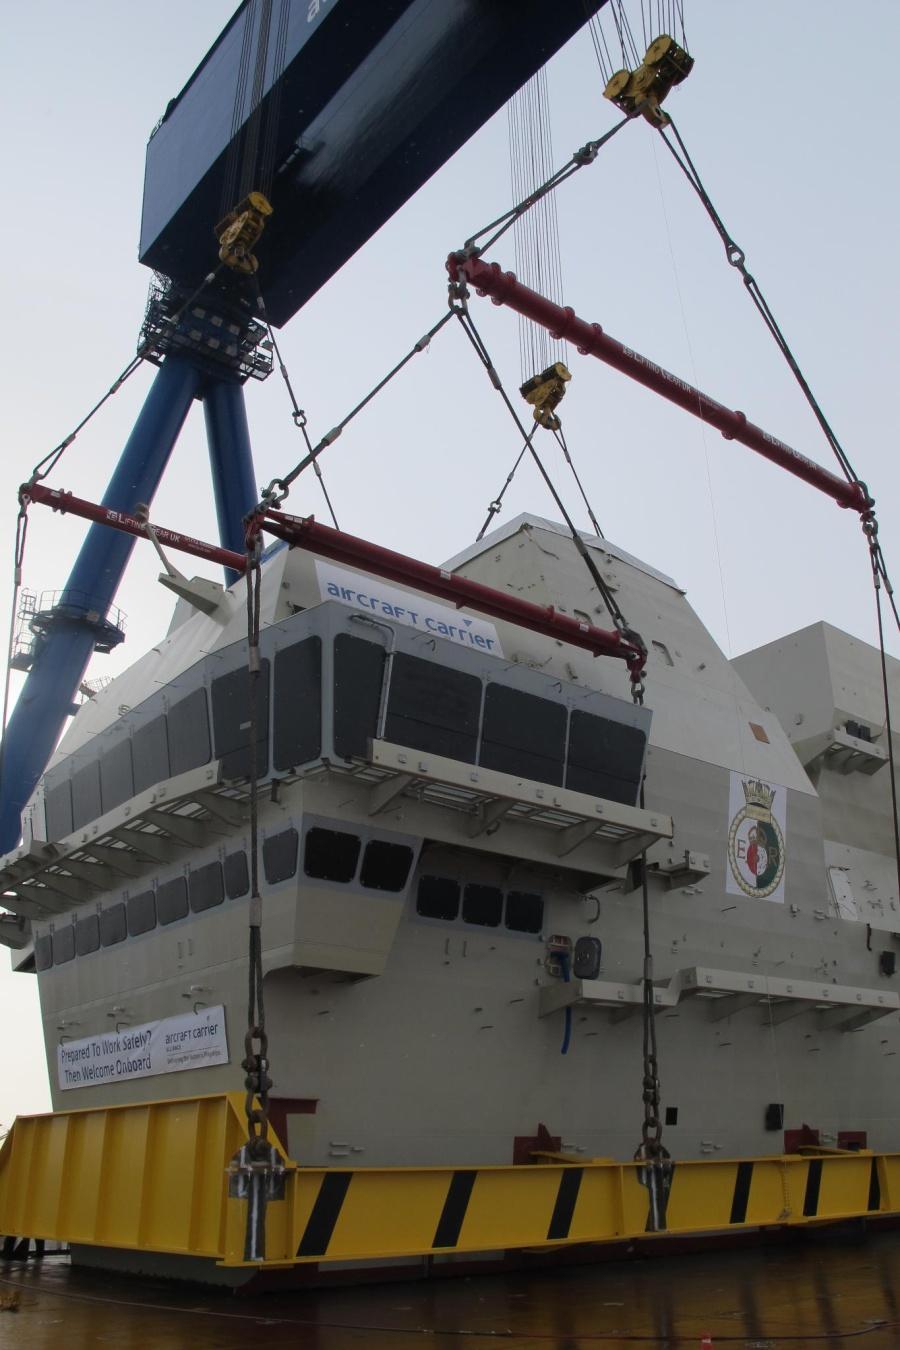 Установка 14 марта 2013г. на строящийся авианосец HMS Queen Elizabeth переднего «острова». Источник: www.meretmarine.com.